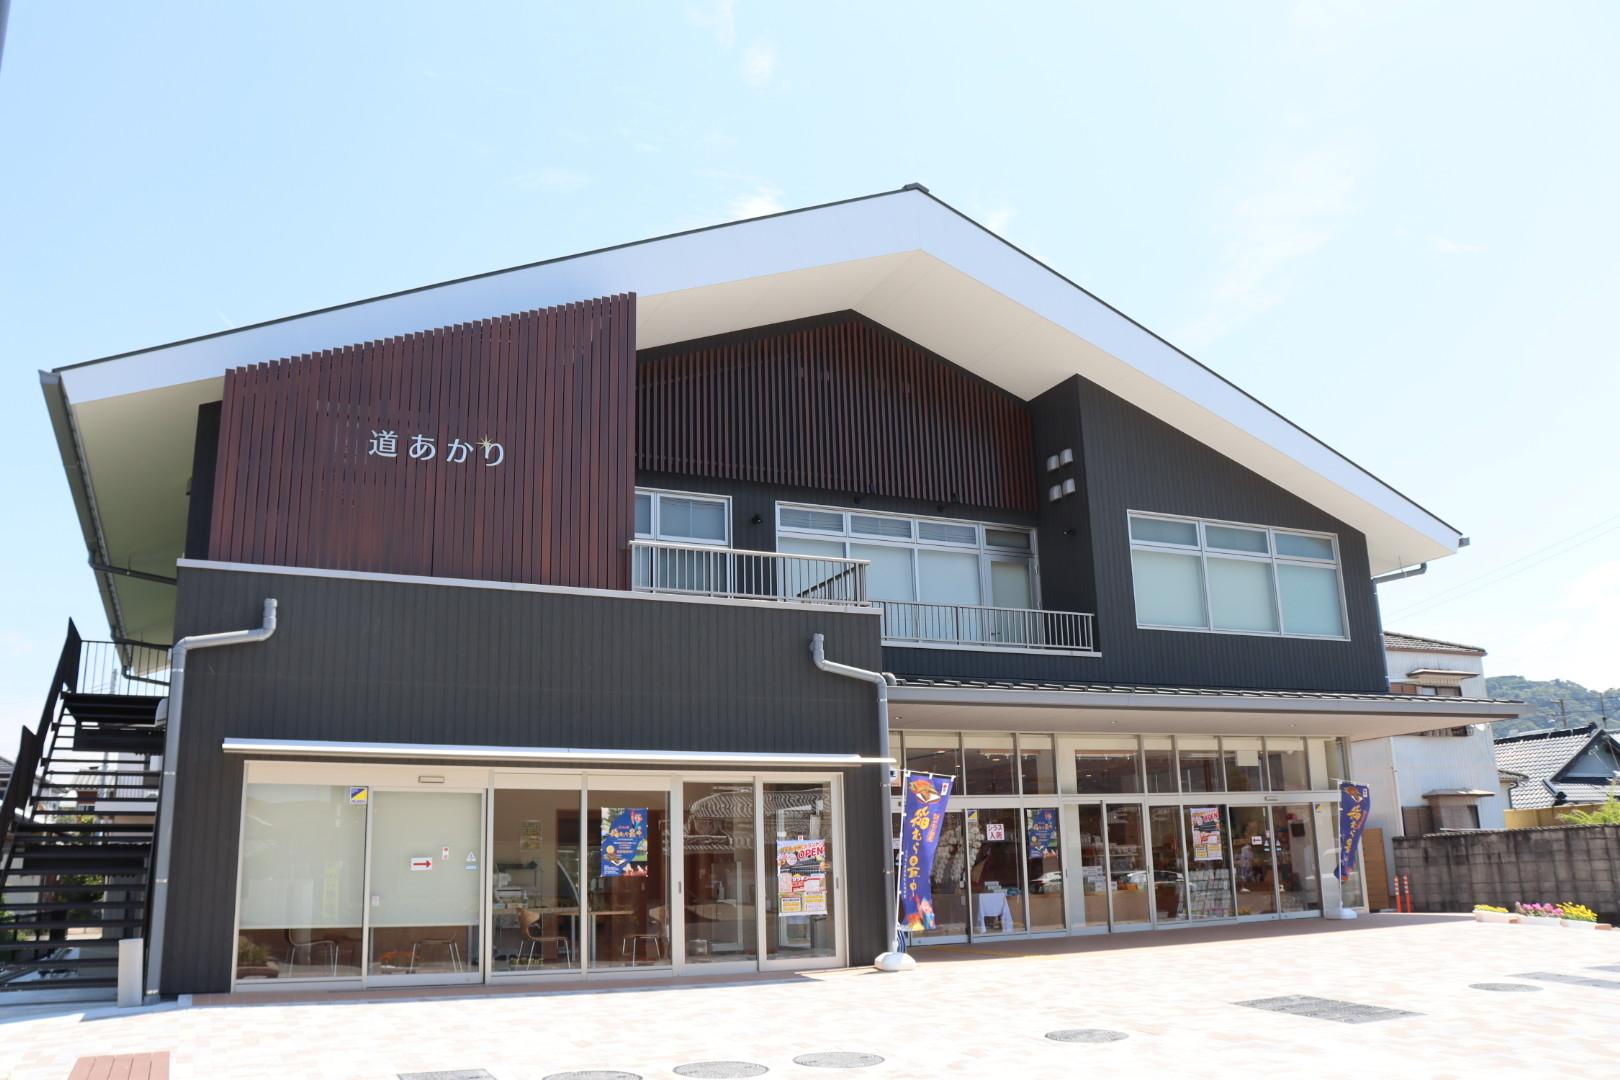 写真:物産販売・飲食施設 『道あかり』(1枚目)